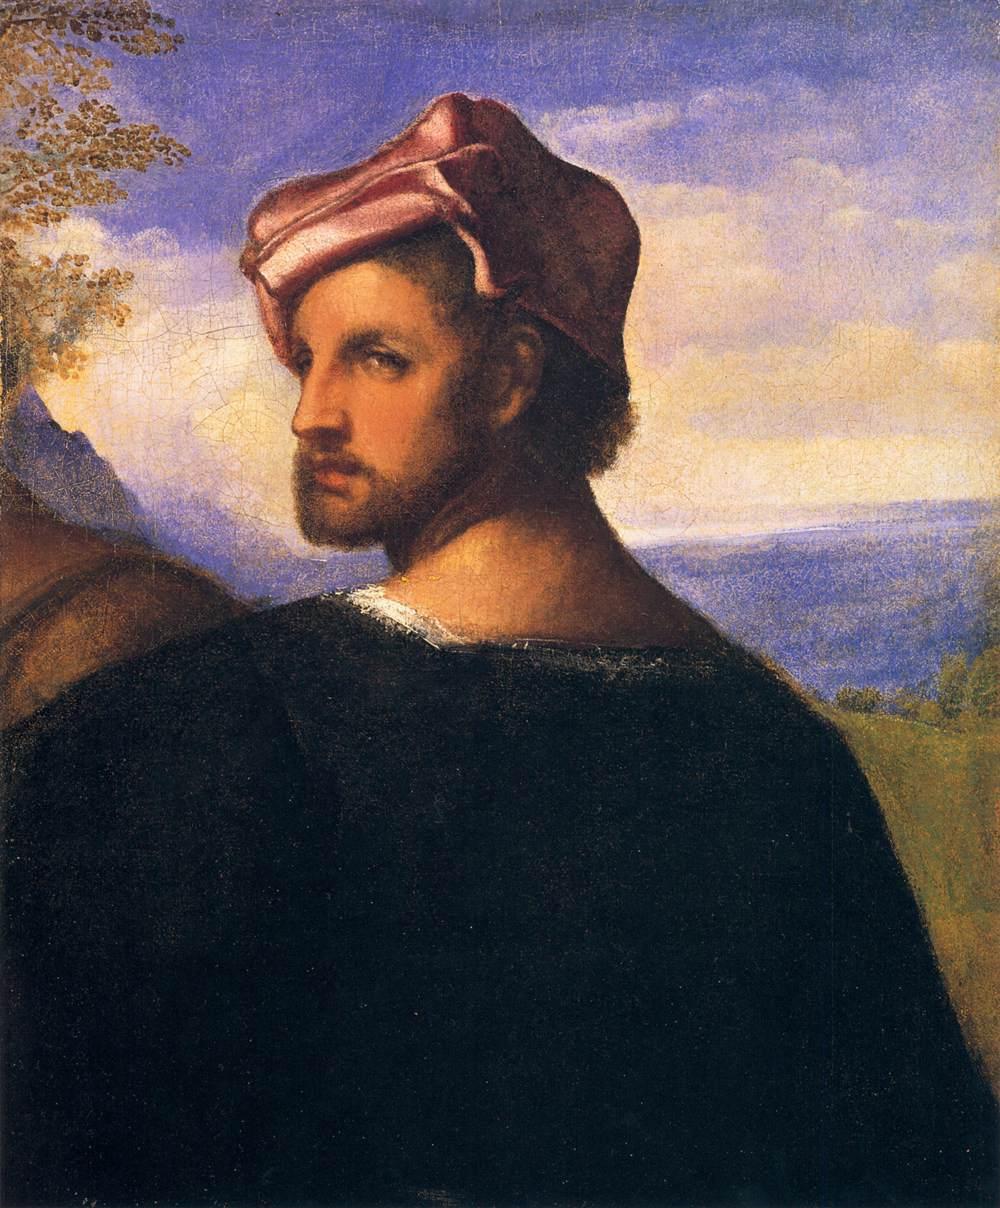 Head of a Man - men's portraits 16th century ôîòî